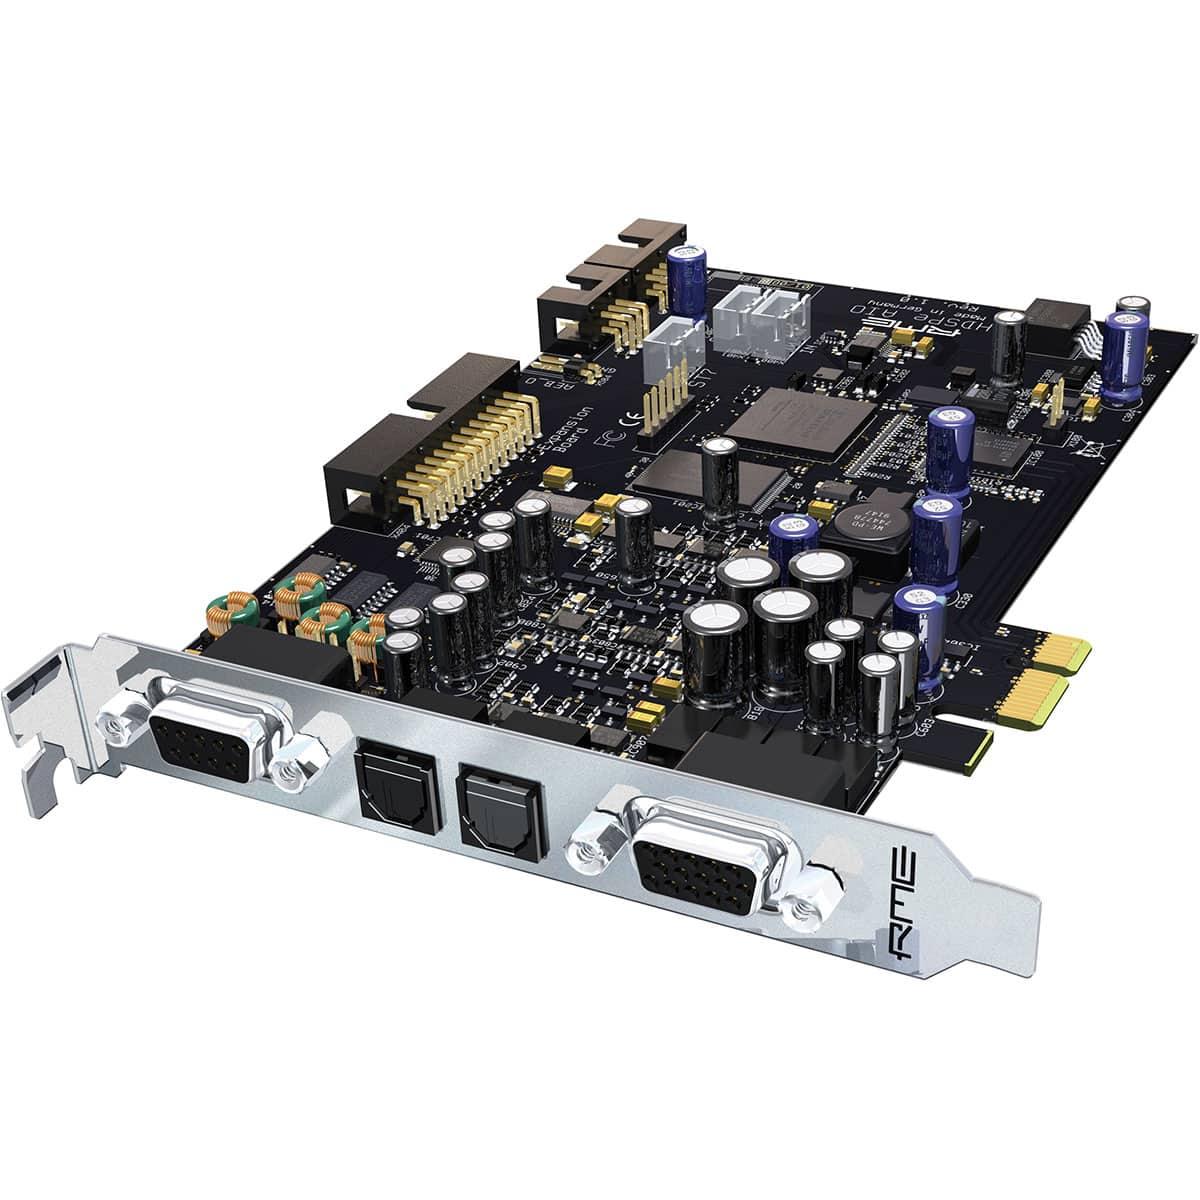 RME HDSPe AIO 01 Convertitori Audio, Pro Audio, Audio Digitale Convertitori e Schede Audio, Schede Audio per PC e MAC